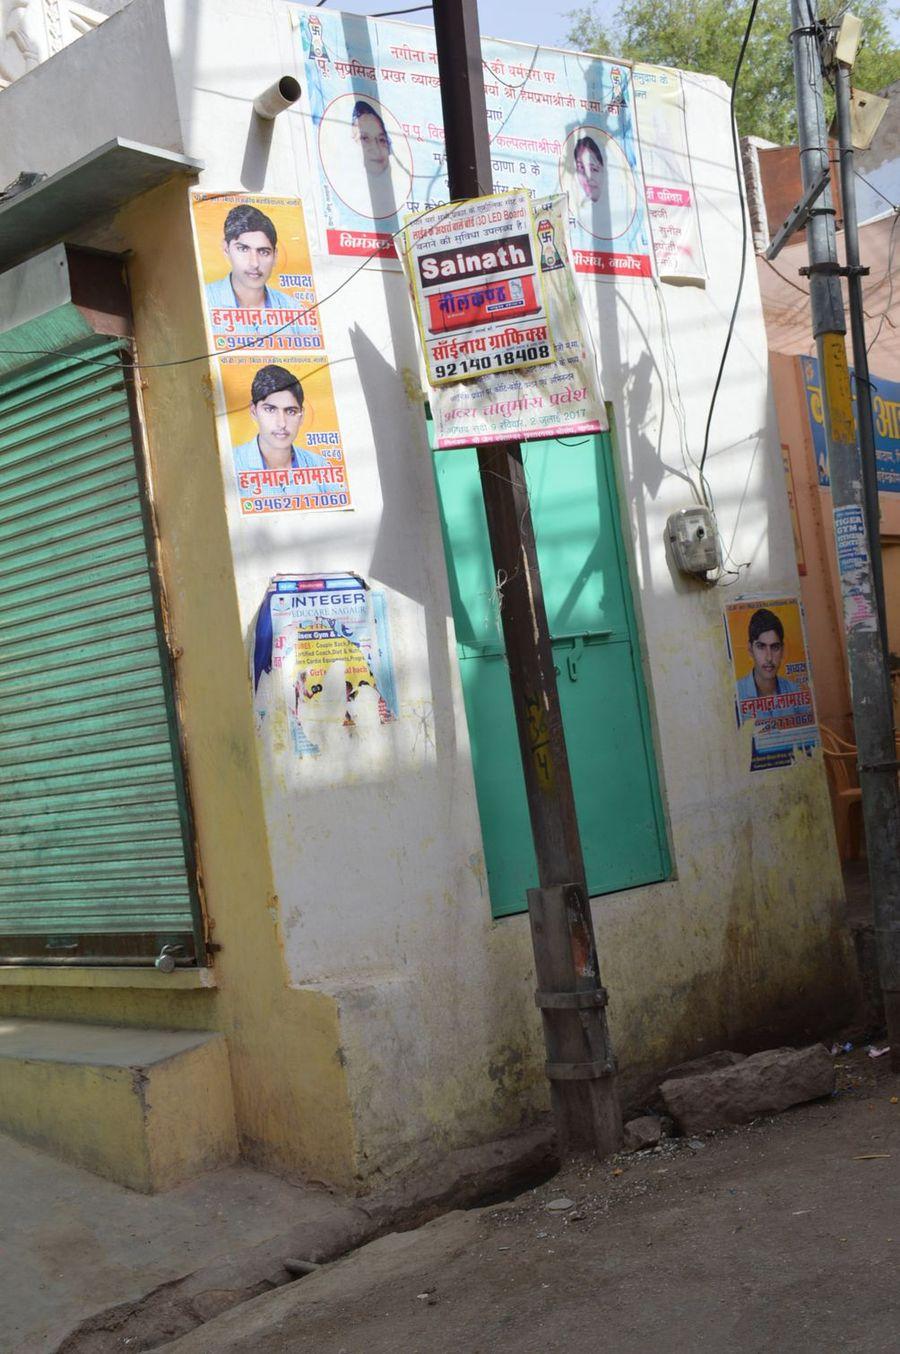 विज्ञापनों की चमक के आगे फीका नागौर शहर का सौन्दर्य